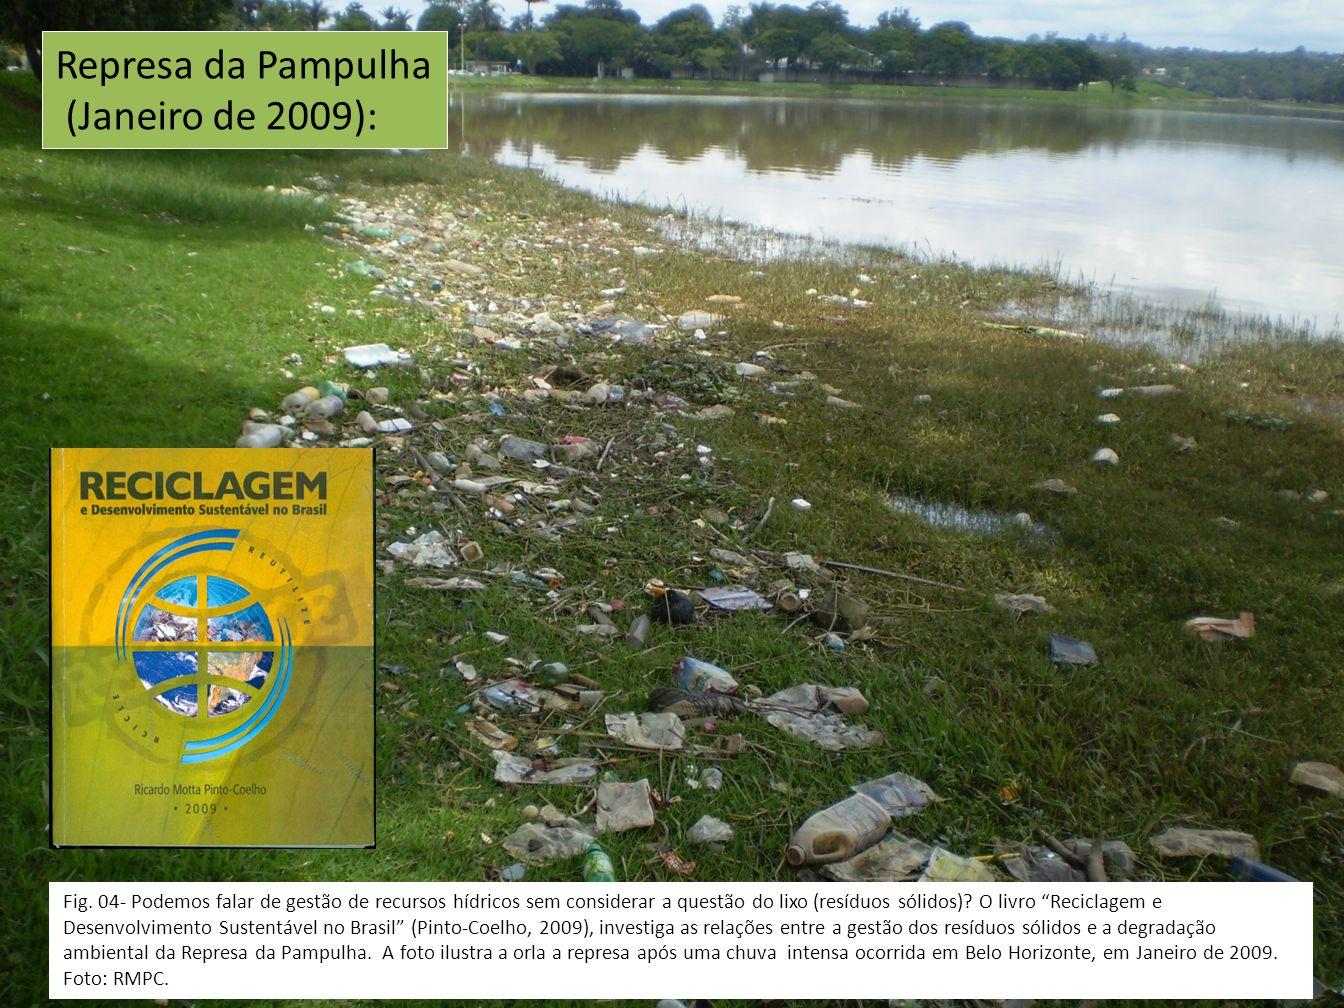 Fig. 04- Podemos falar de gestão de recursos hídricos sem considerar a questão do lixo (resíduos sólidos)? O livro Reciclagem e Desenvolvimento Susten